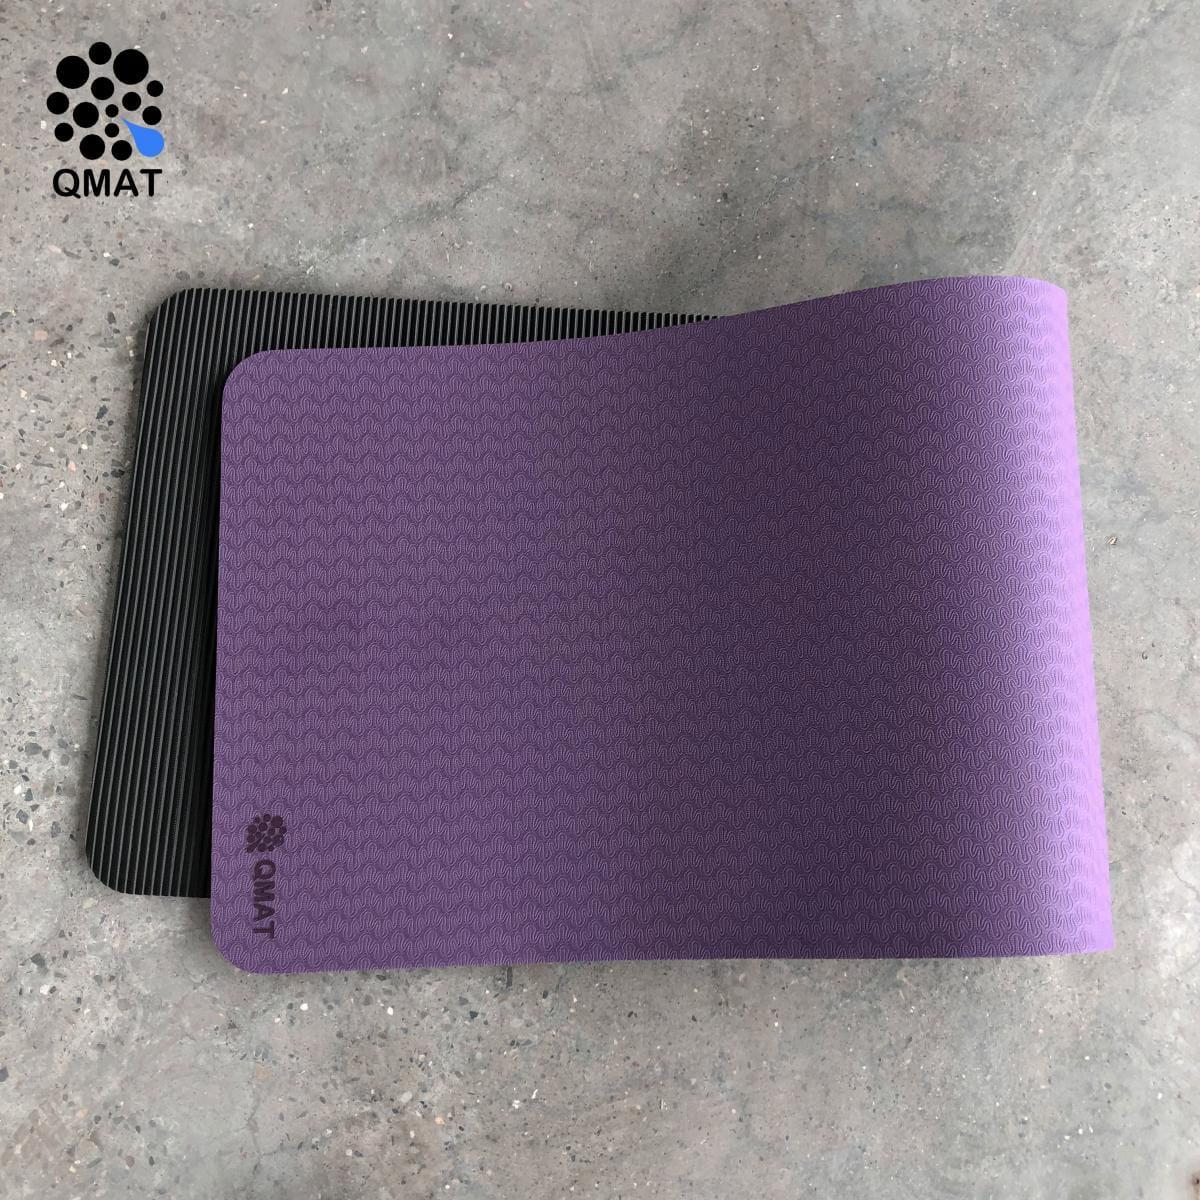 【QMAT】 10mm 雙色運動墊(共六色) 17